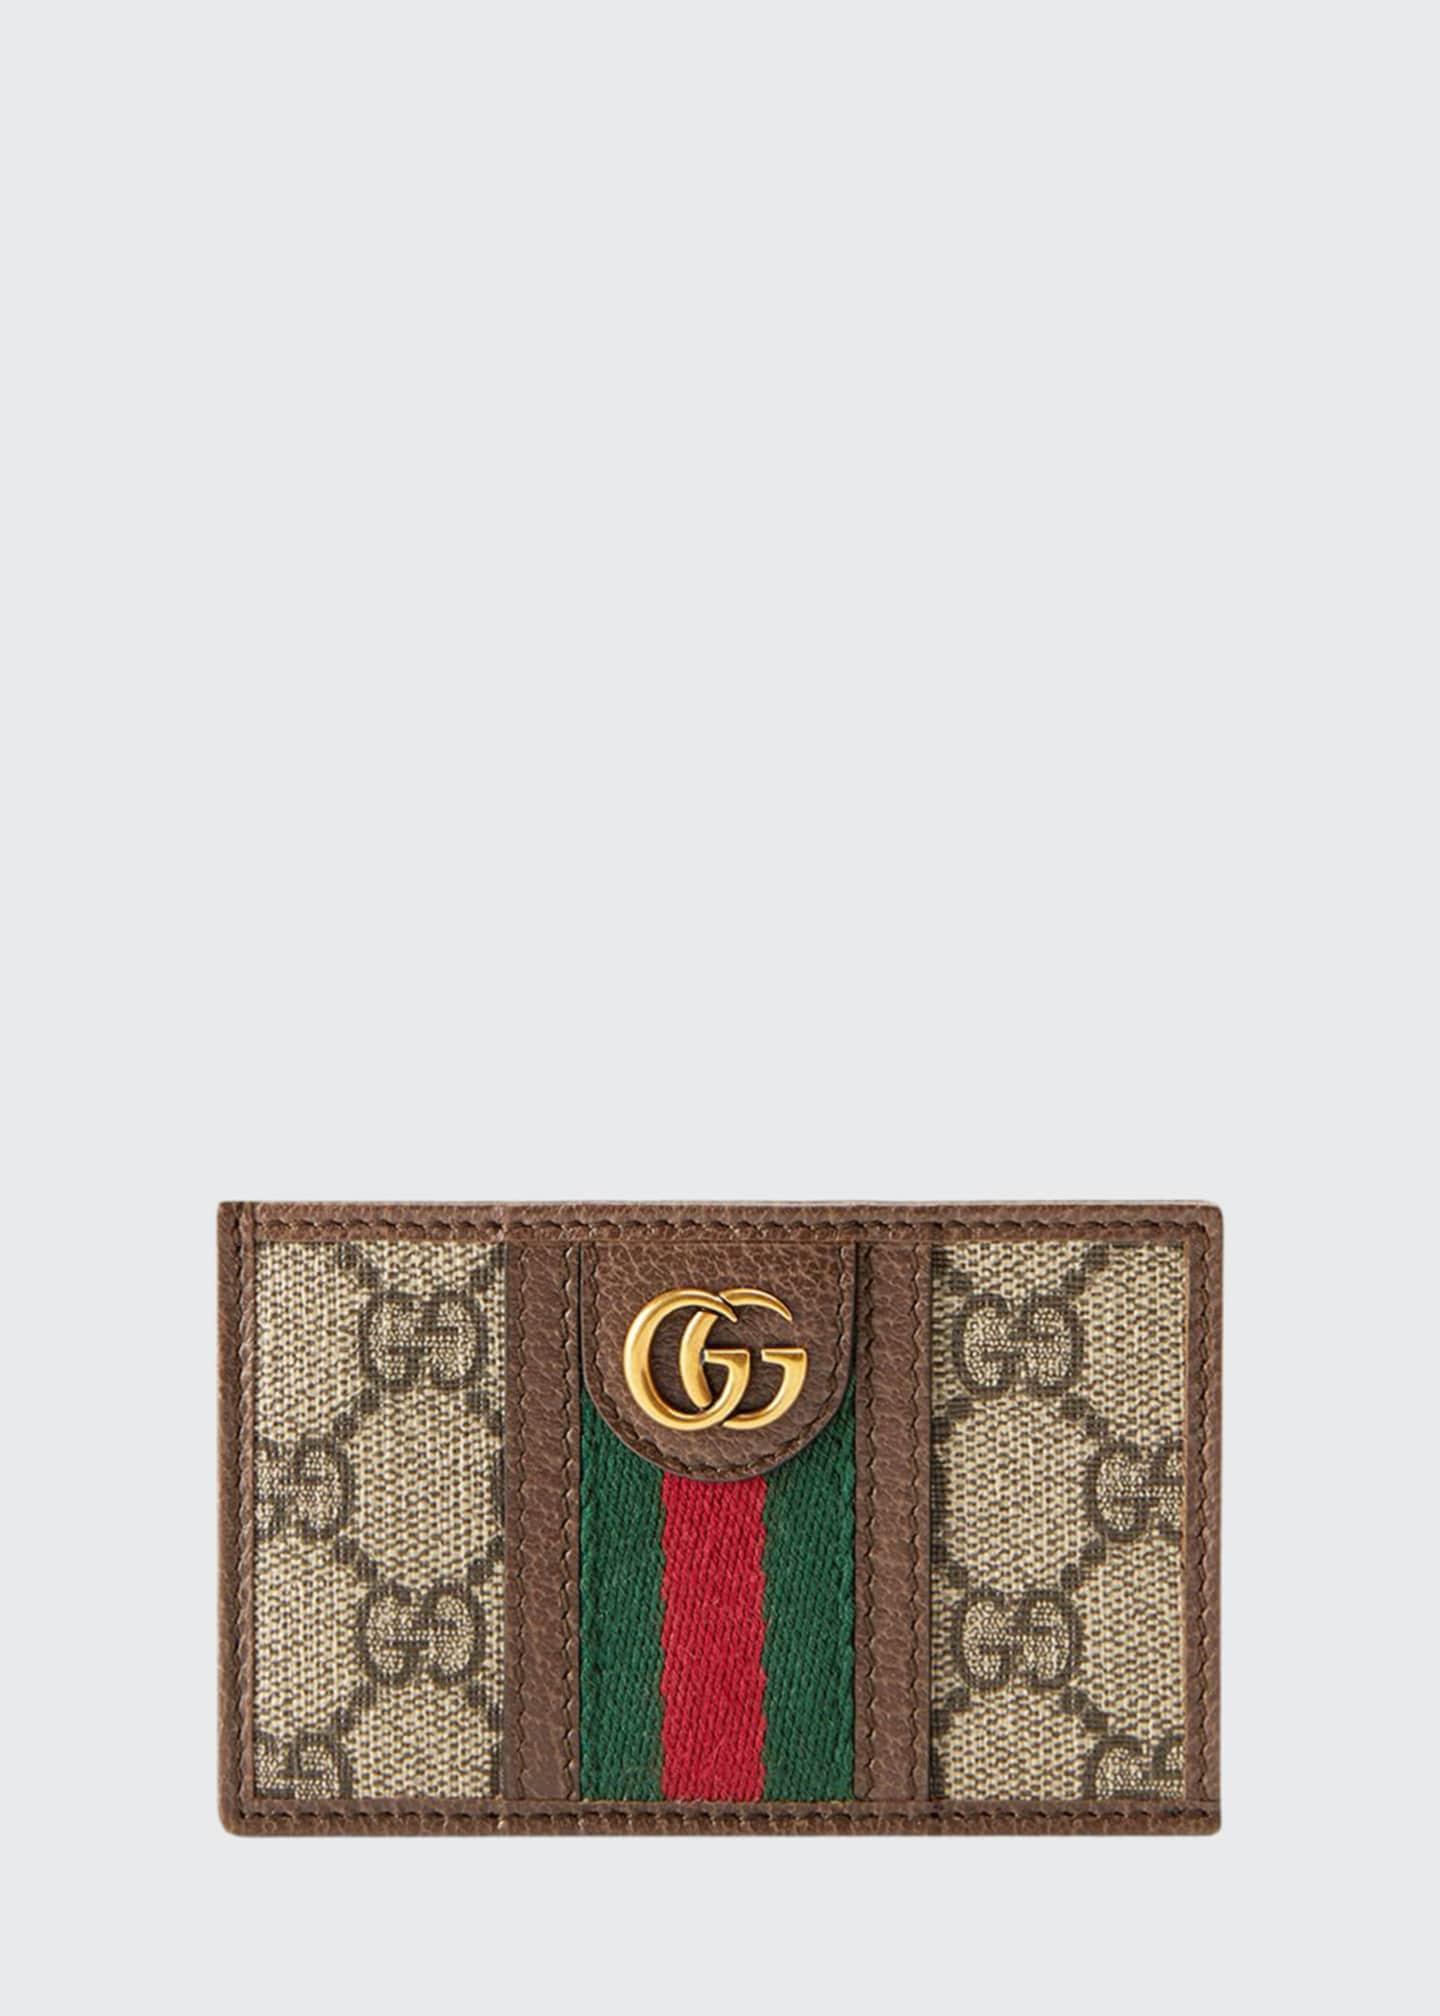 Gucci Men's GG Supreme Canvas Marmont Vertical Wallet